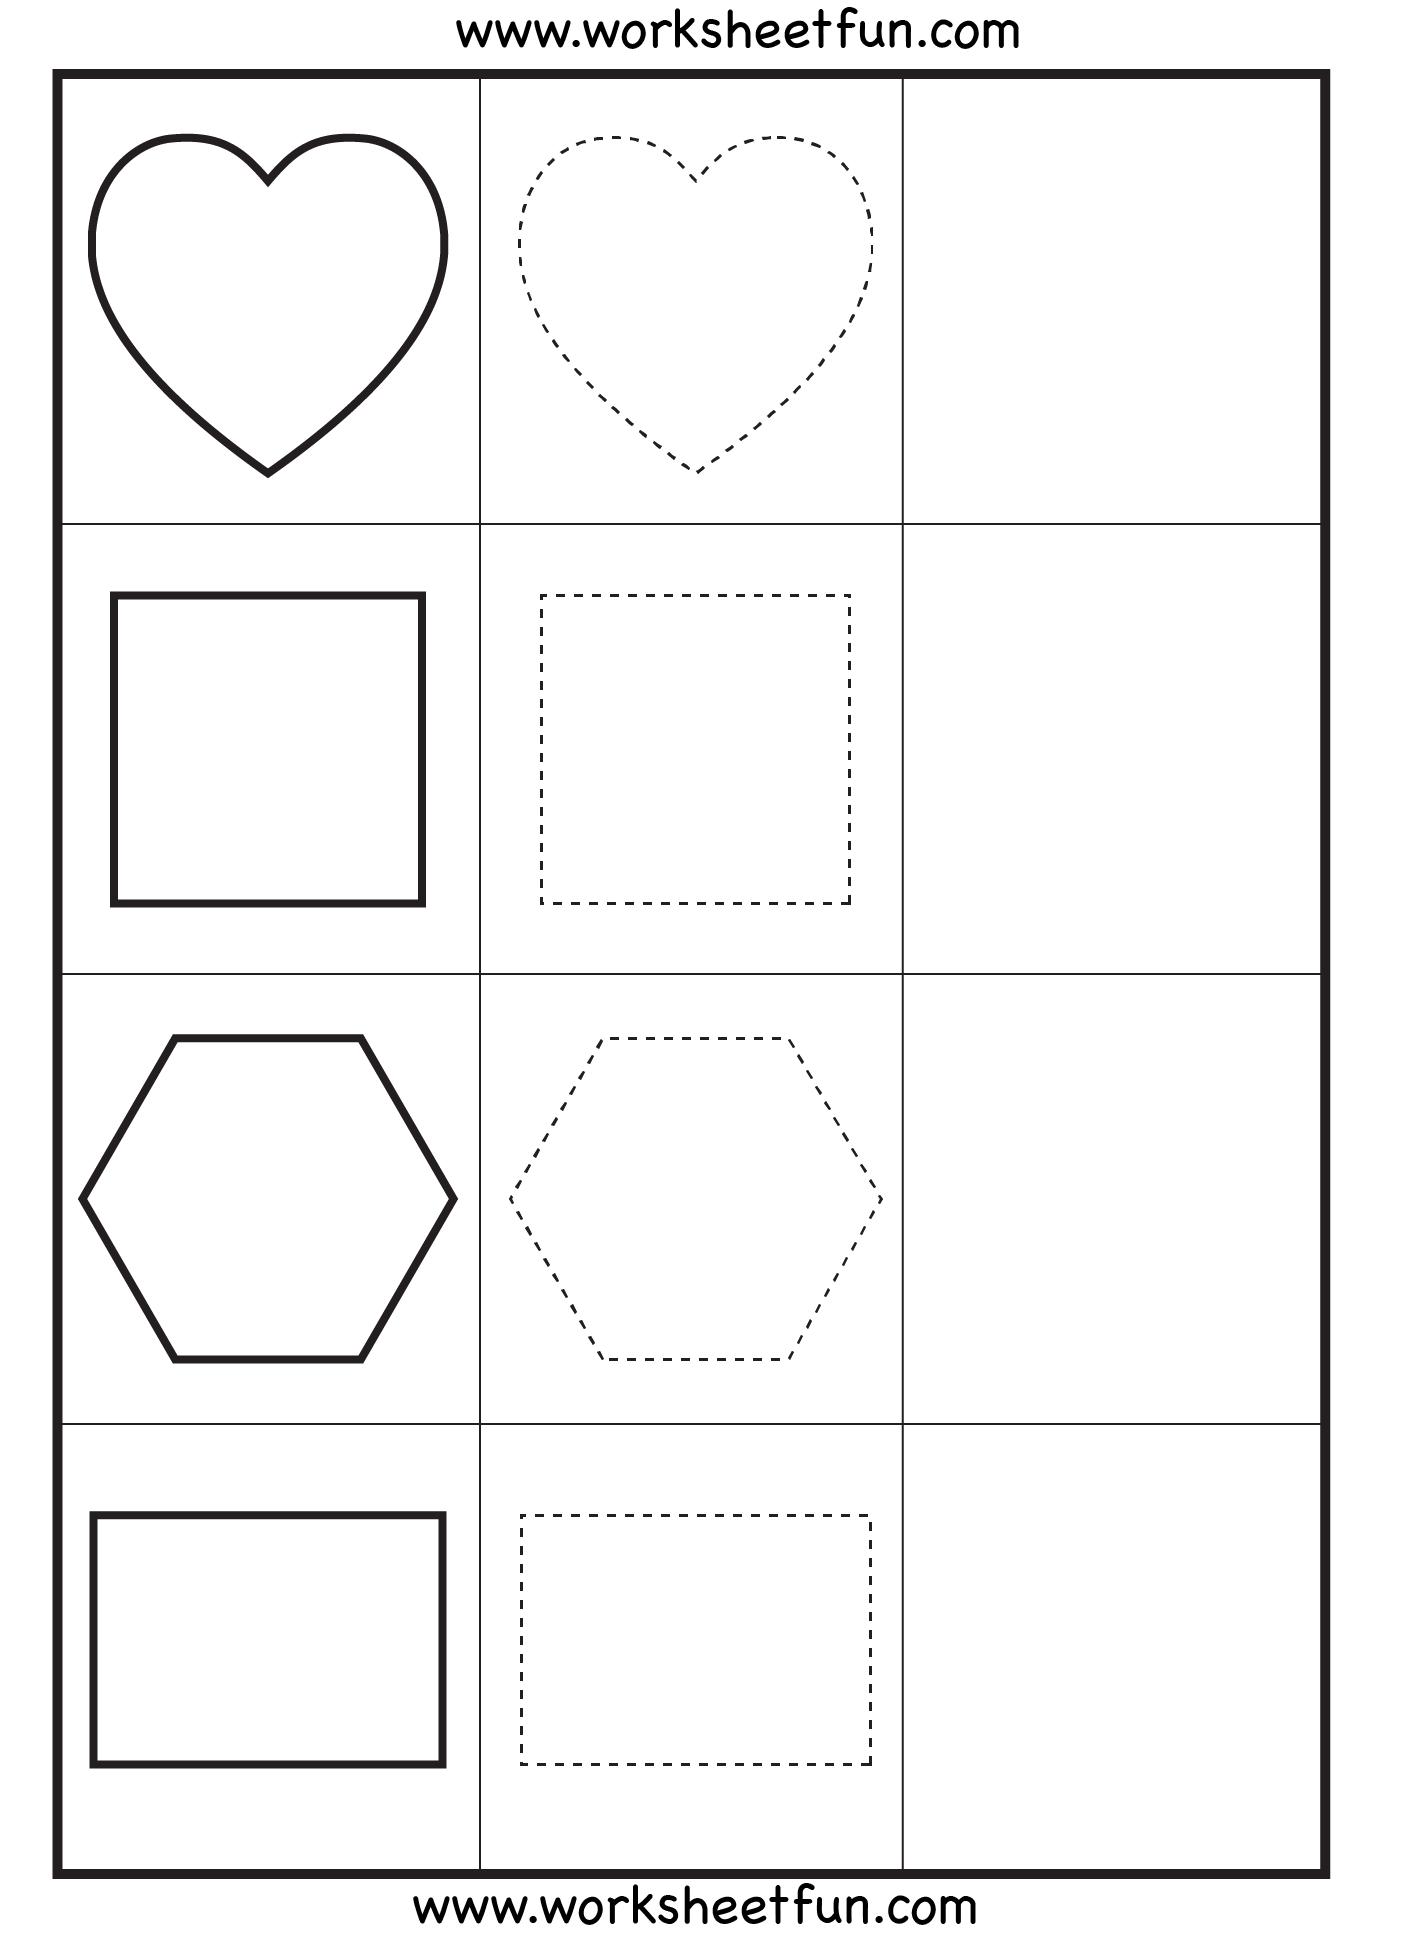 formen zeichnen vorschule kindergarten formen arbeitsbl tter und druckbare aktivit ten f r. Black Bedroom Furniture Sets. Home Design Ideas